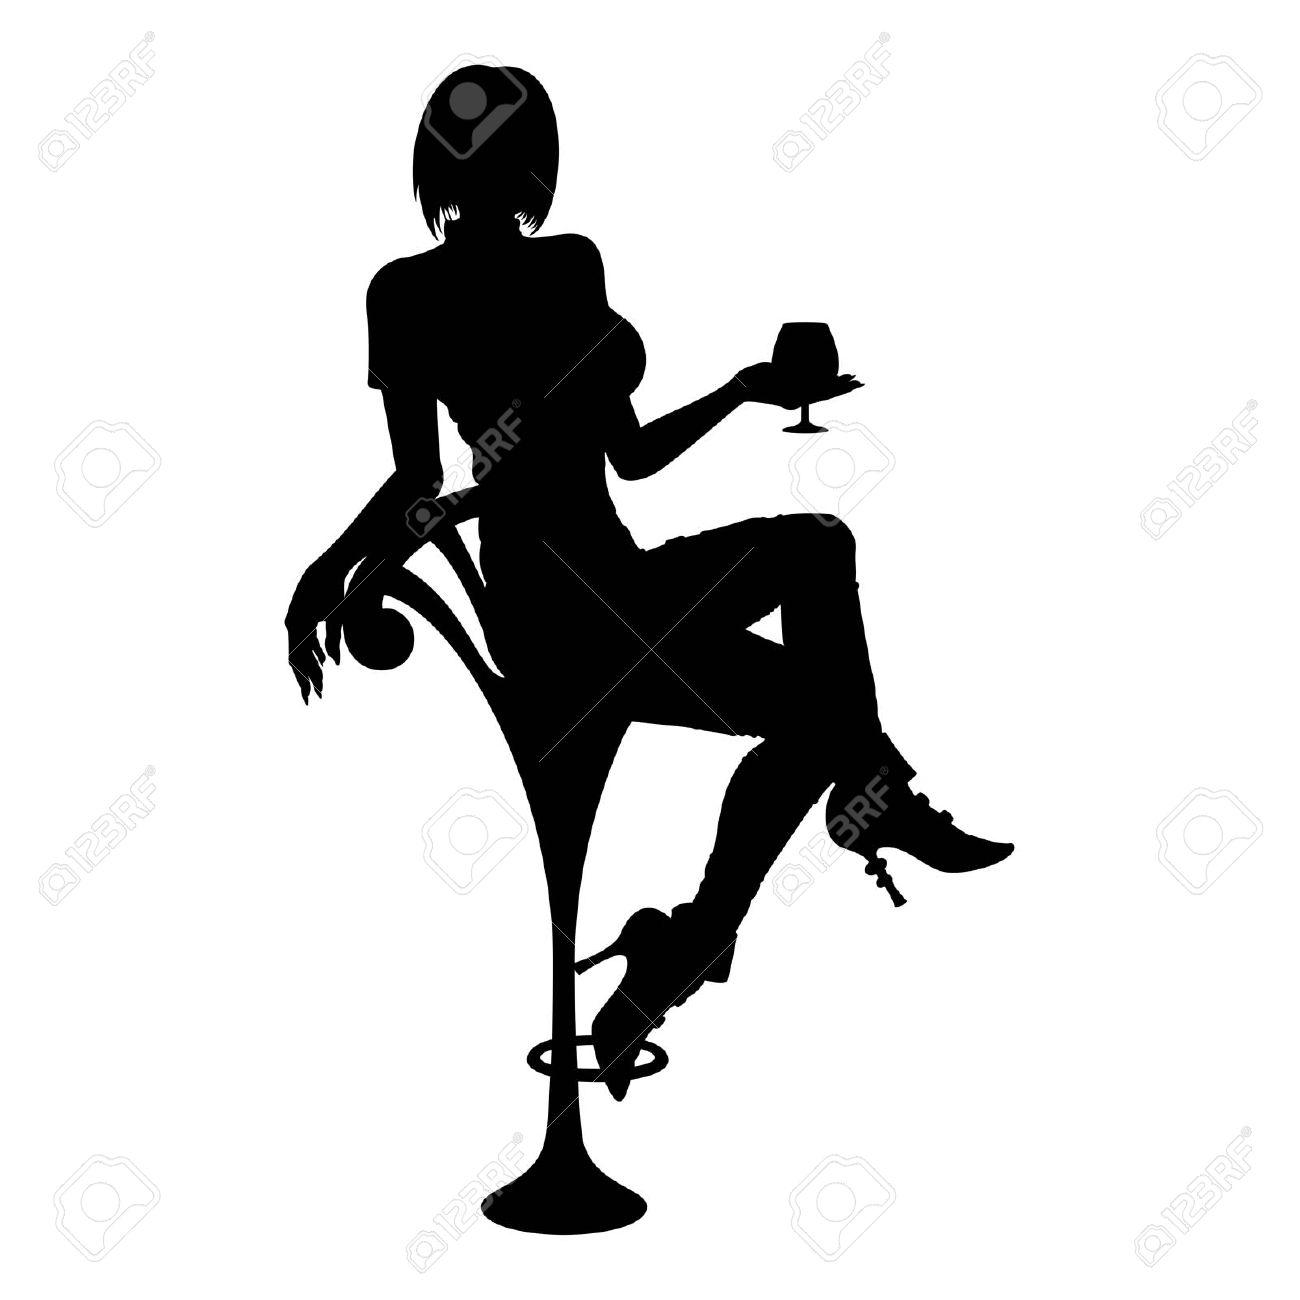 Frau im cocktailglas clipart clip library stock Silhouette Frau Mit Cocktail-Glas Ist Sie Auf Einem Barhocker ... clip library stock